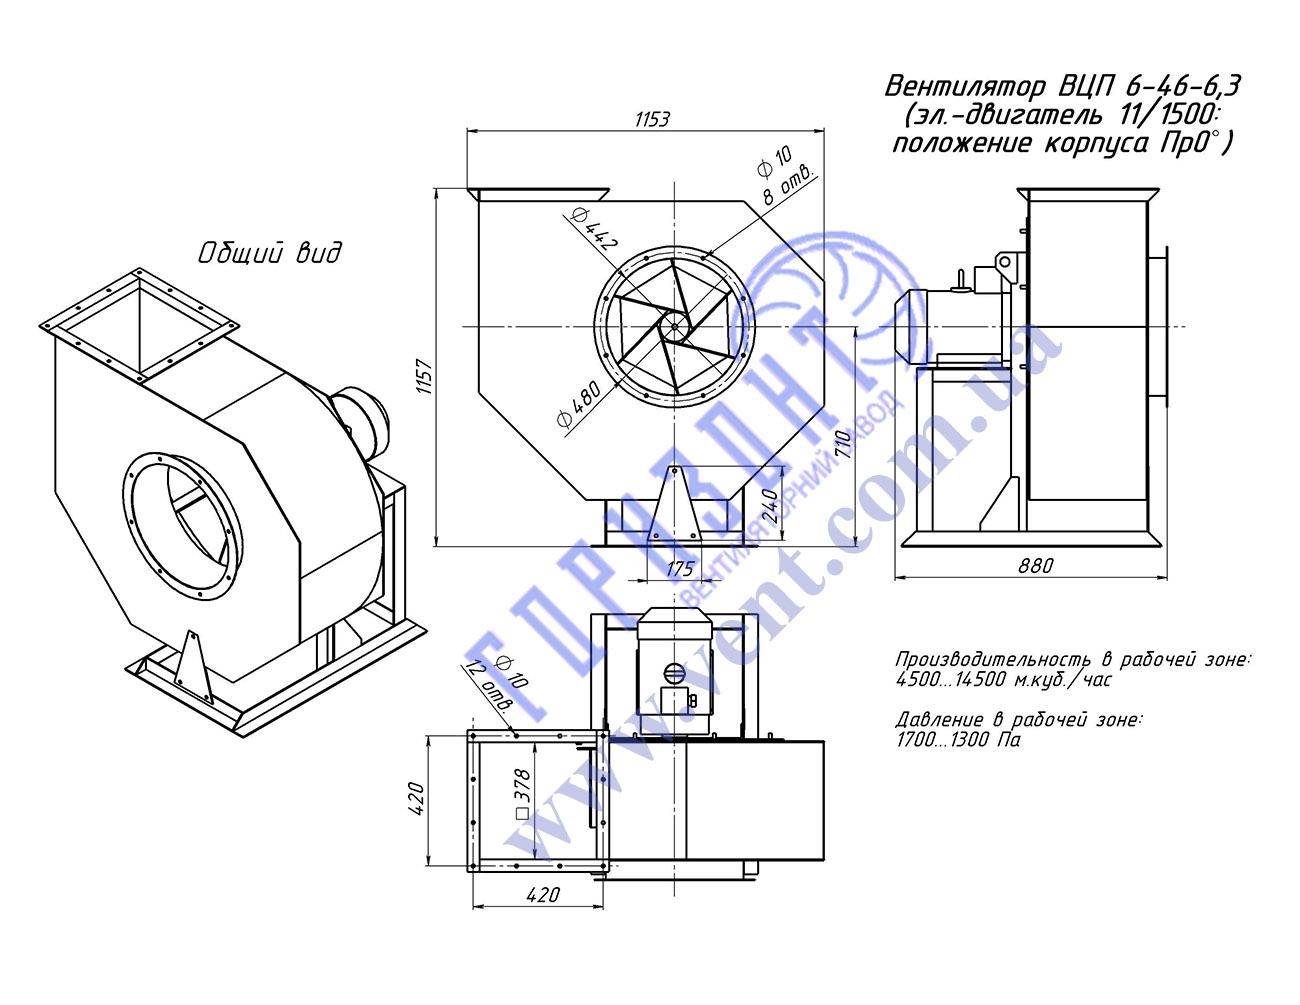 Схема и габаритные размеры промышленного пылевого вентилятора ВЦП 6-46 №6,3